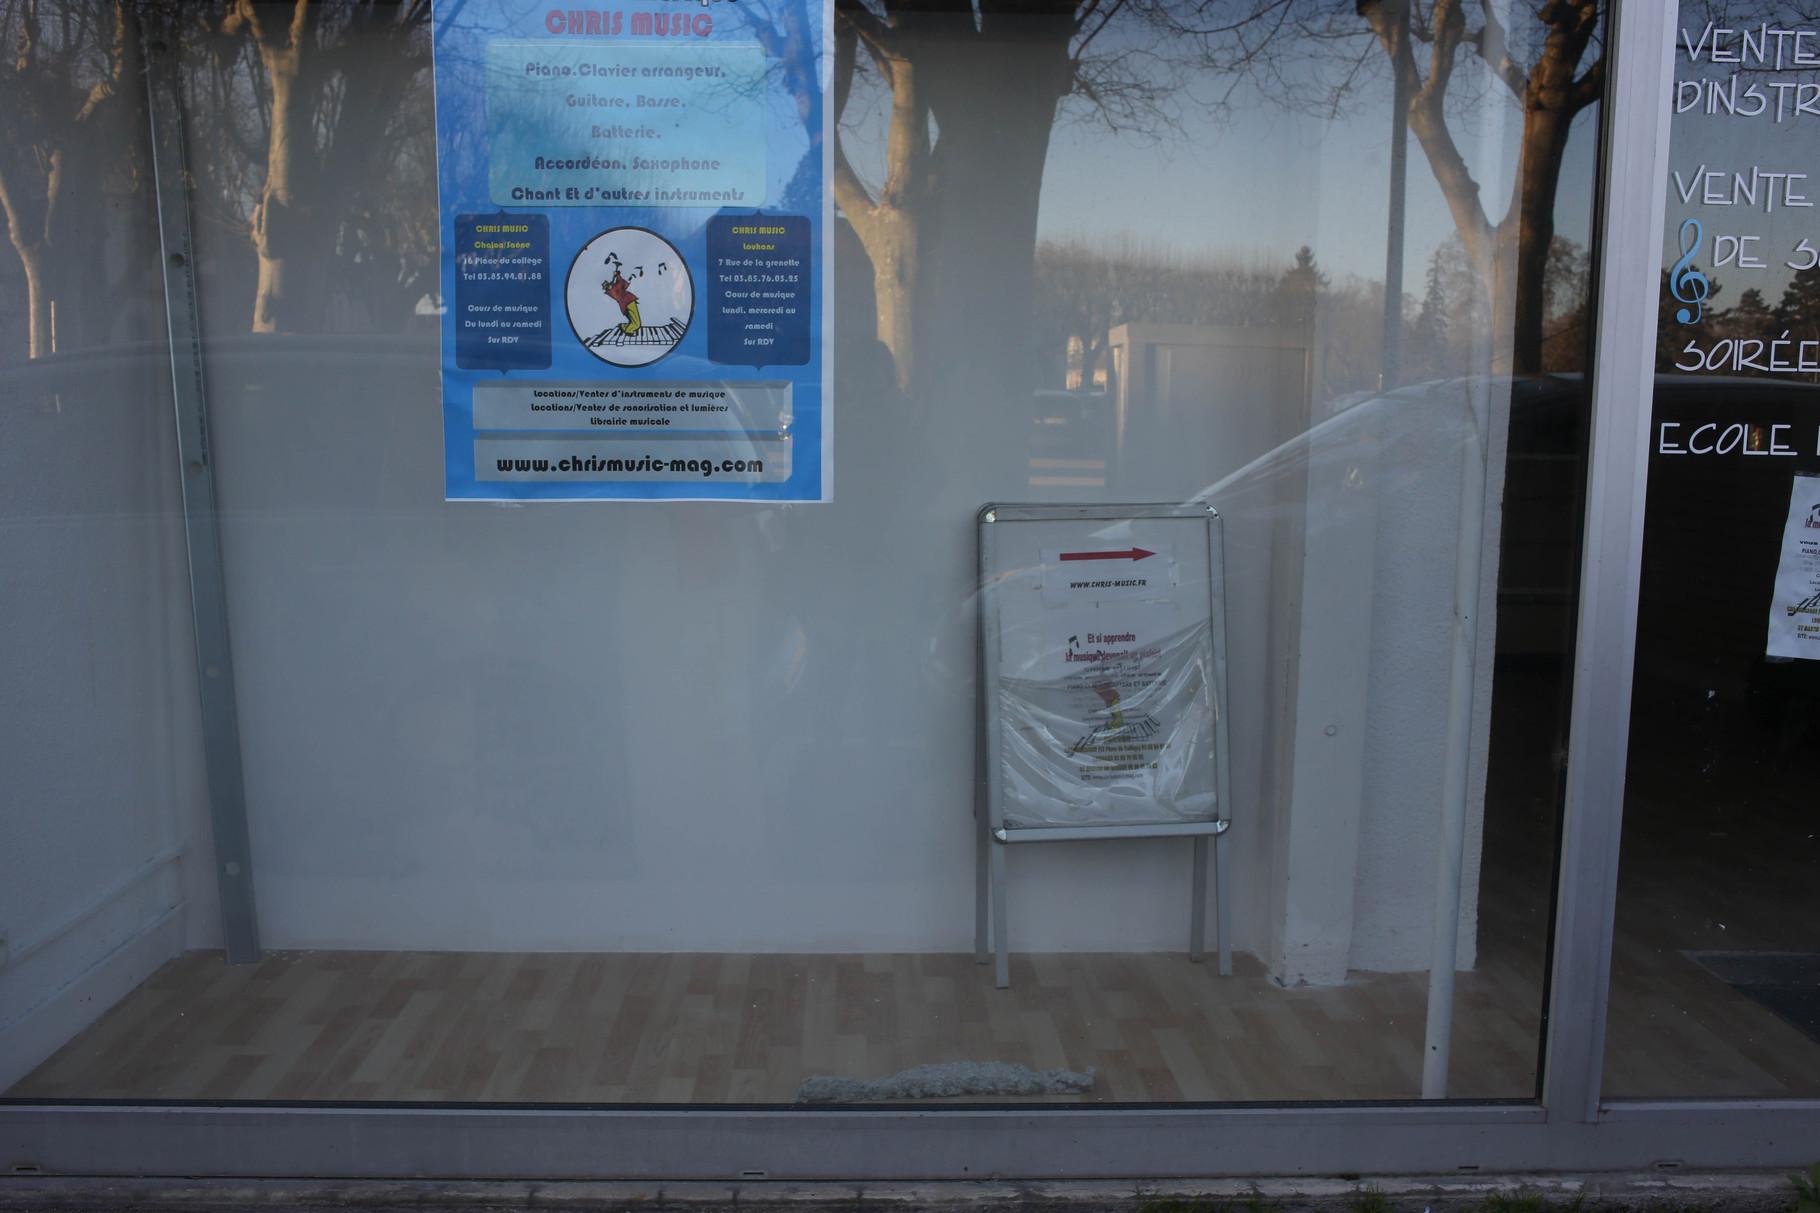 12 rue de la Trémouille - Place devant la vitrine sur le lino, le lieu paraît en travaux et partiellement utilisé.